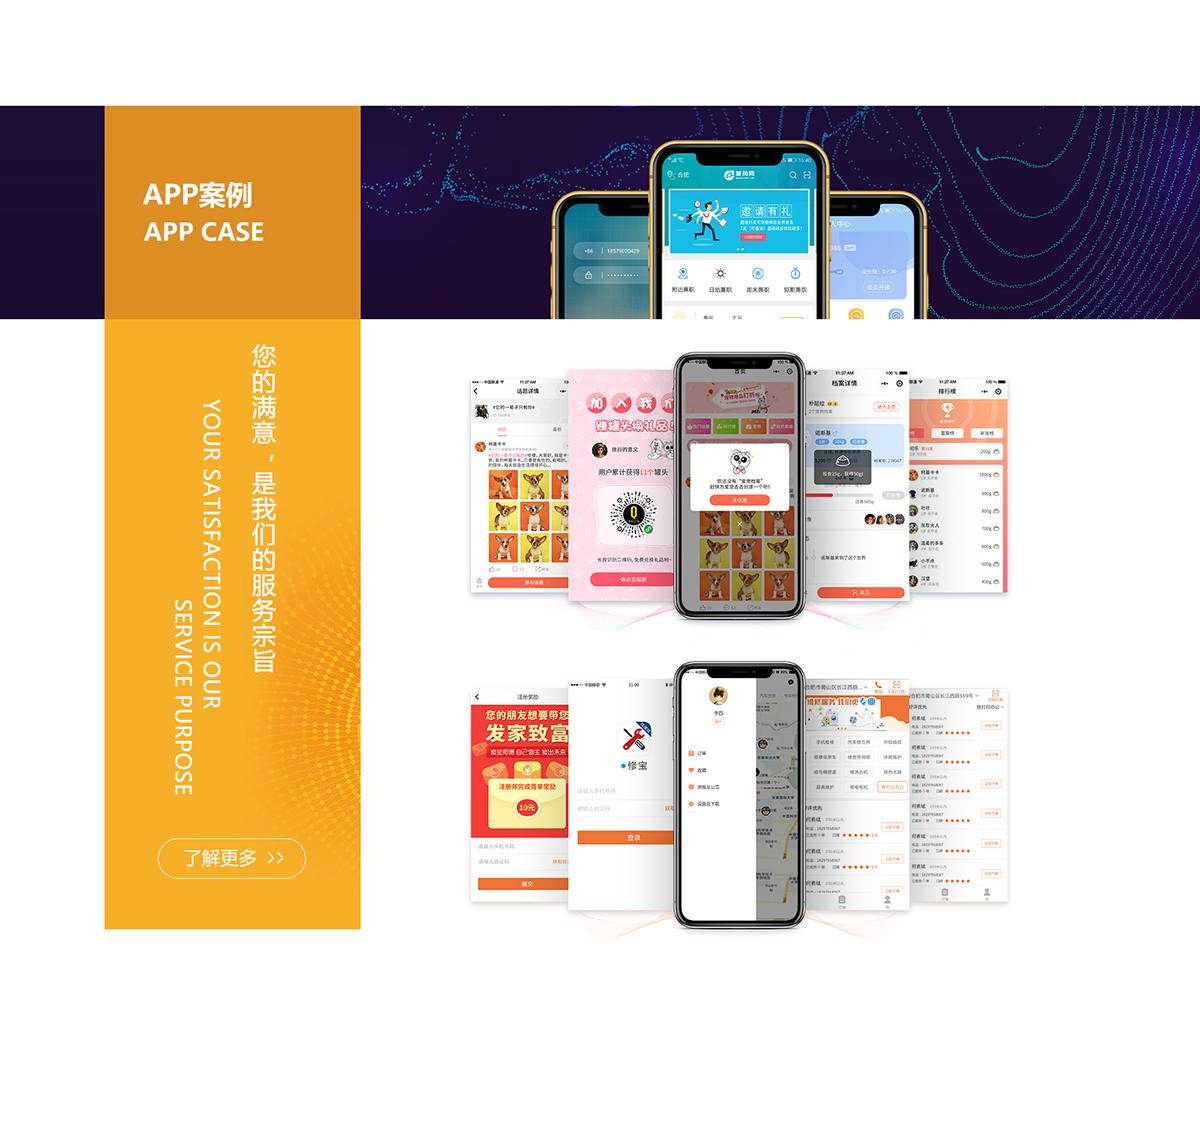 外贸营销型网站和外贸网络营销的区别,外贸营销型网站,外贸网络